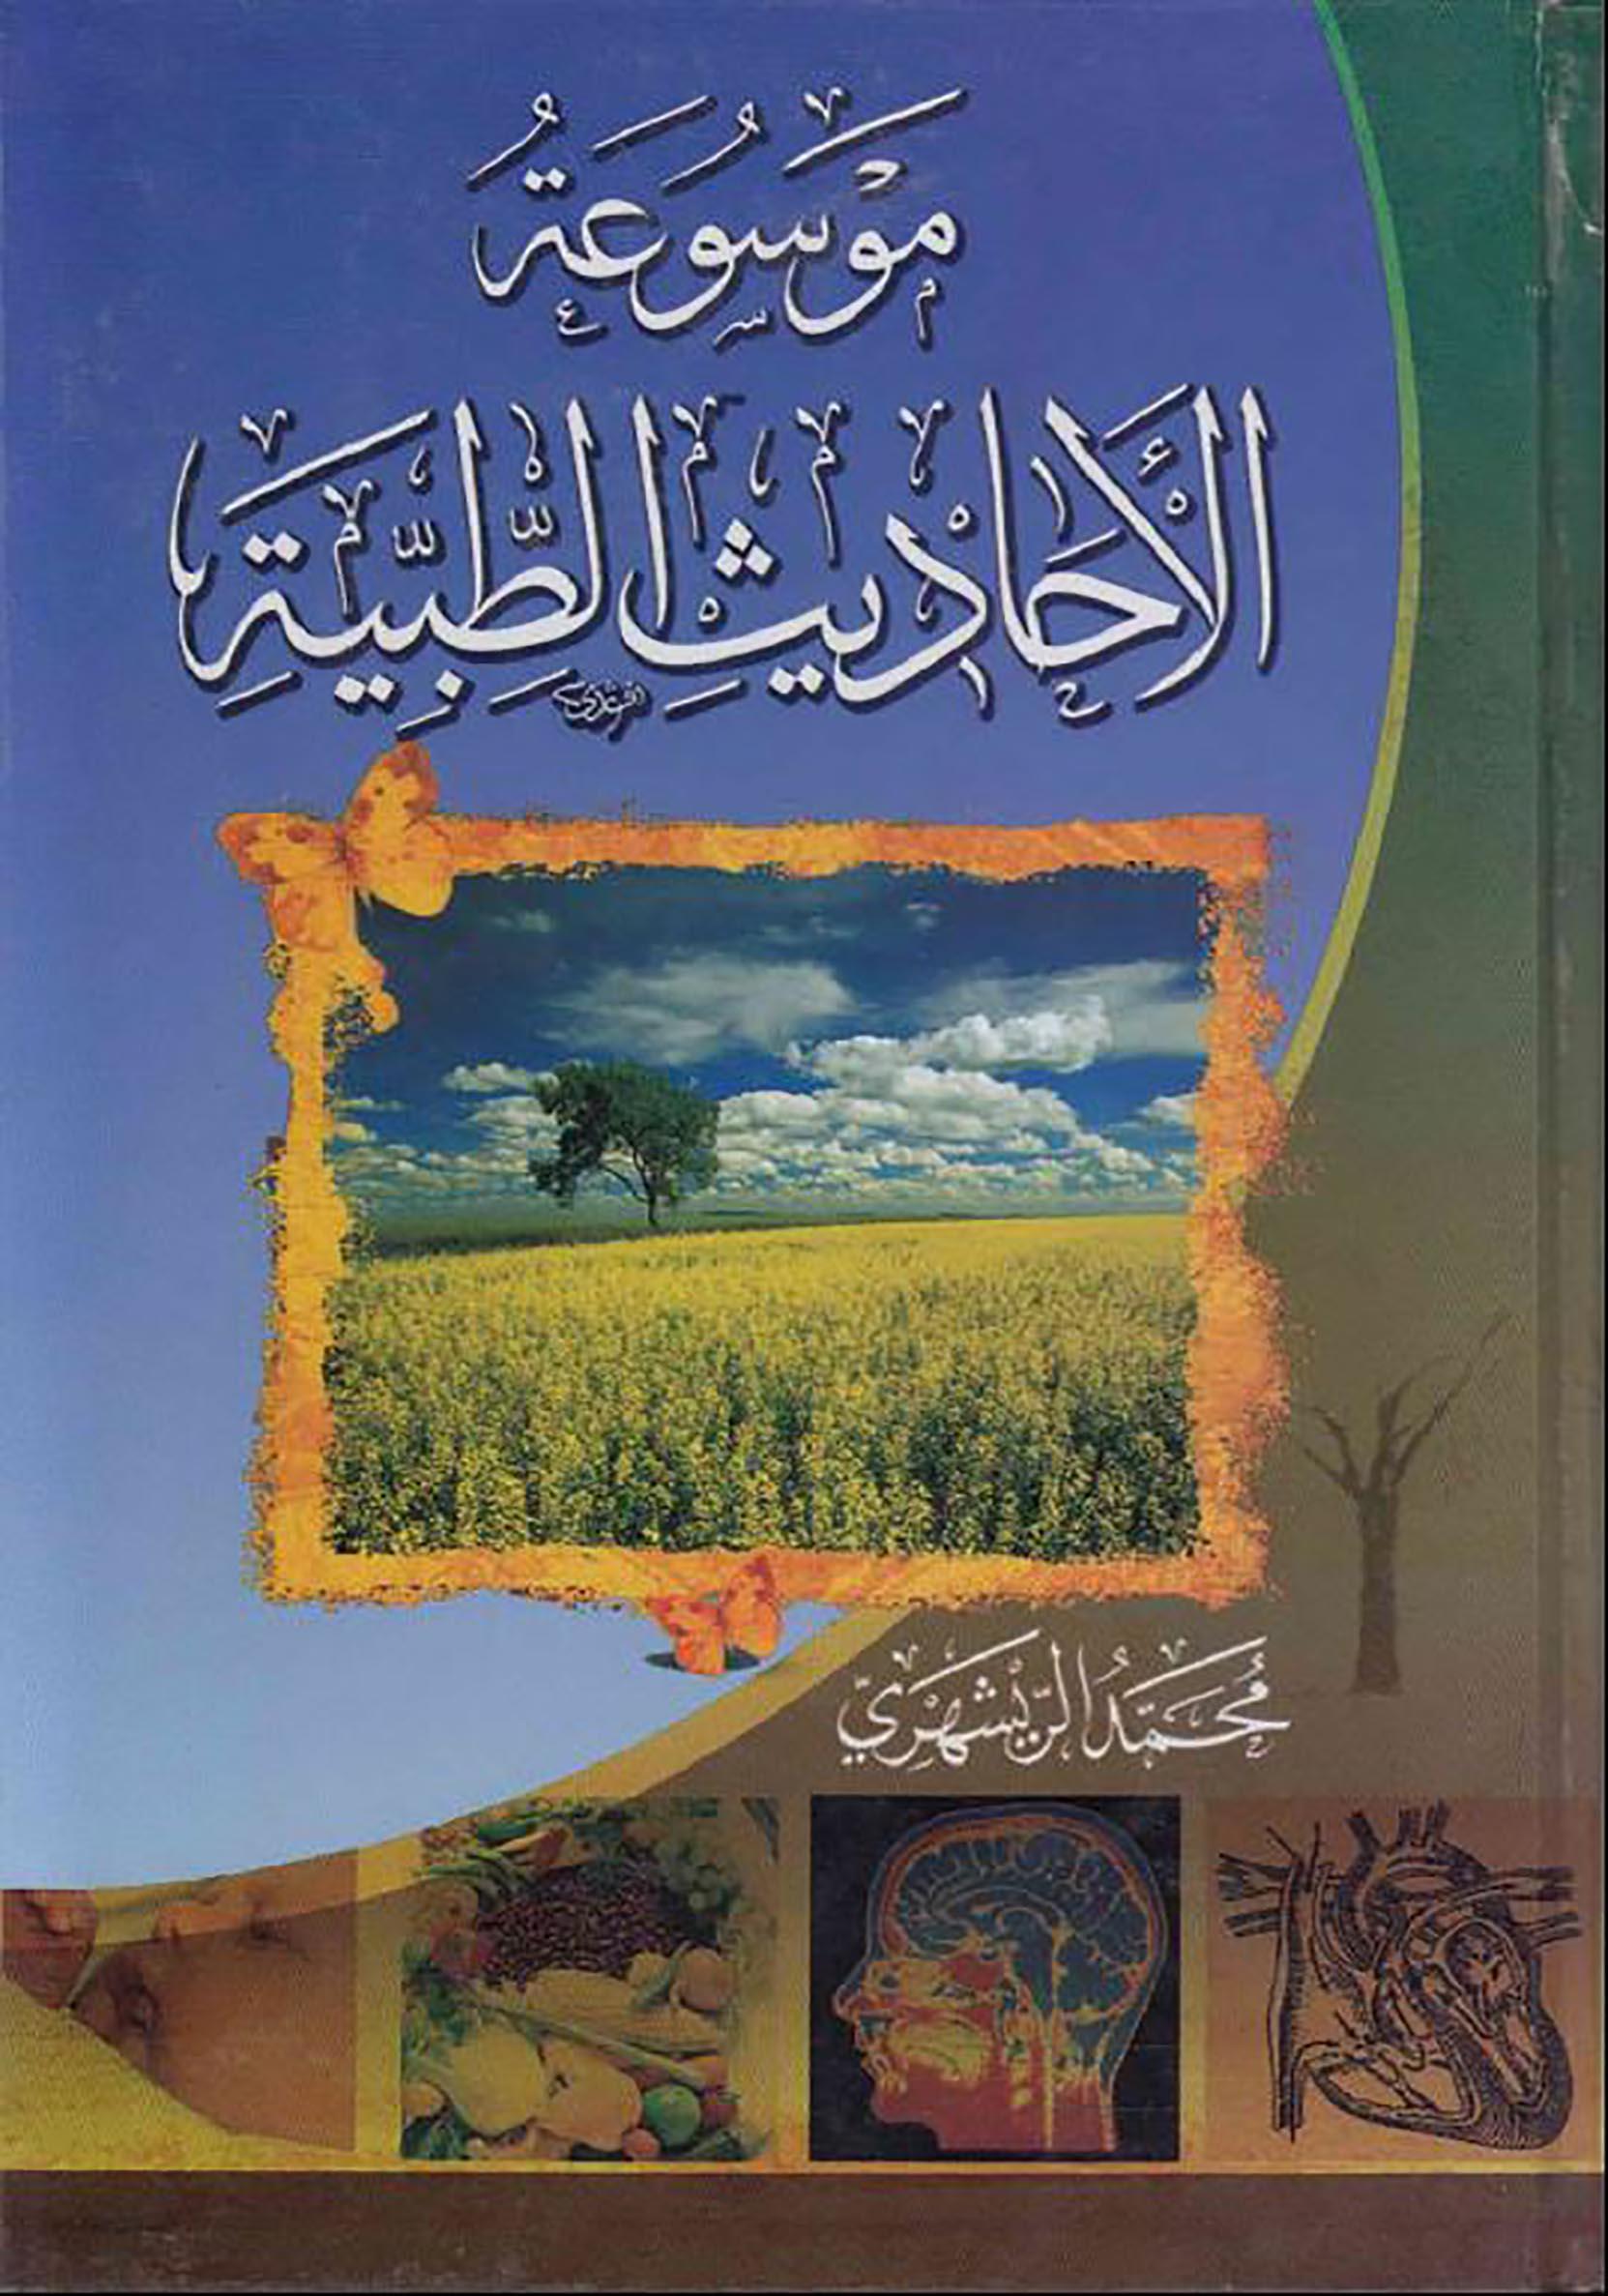 الاســـم:موسوعة الاحاديث الطبية لمحمد الريشهري غلاف.JPG المشاهدات: 4448 الحجـــم:326.8 كيلوبايت